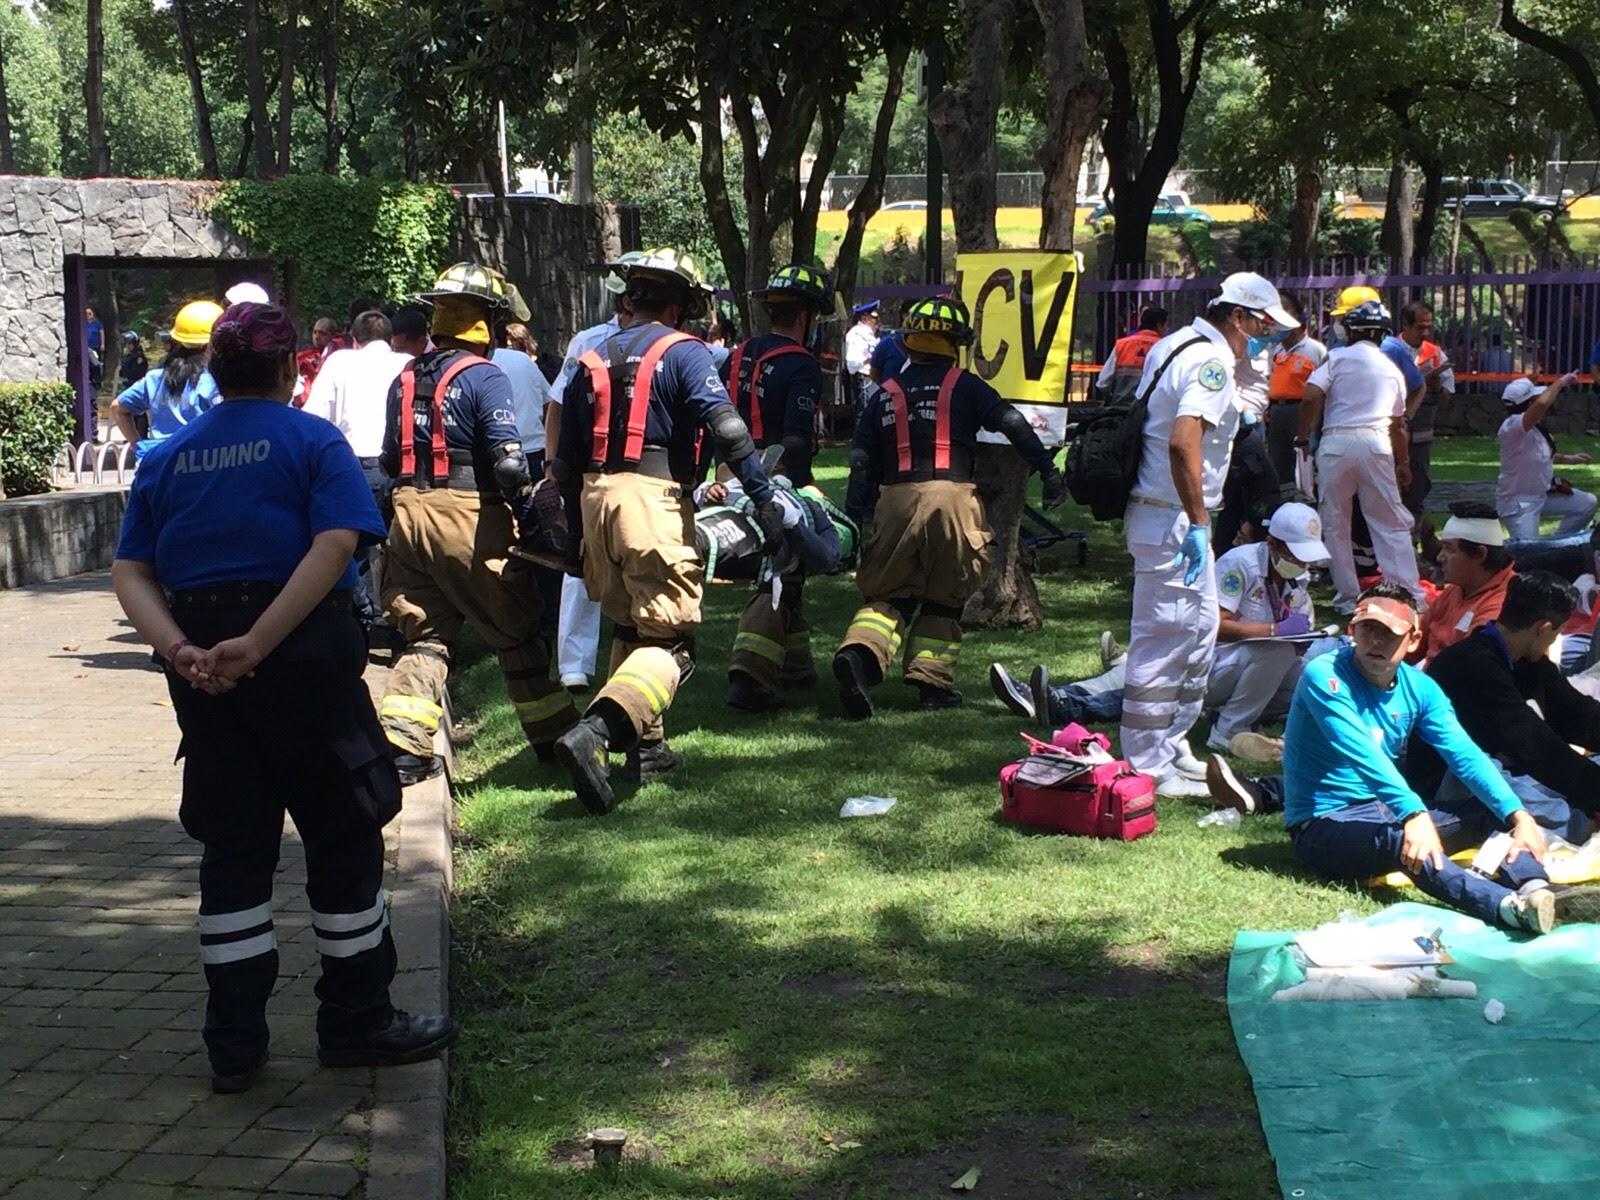 Imagen de simulación de rescate